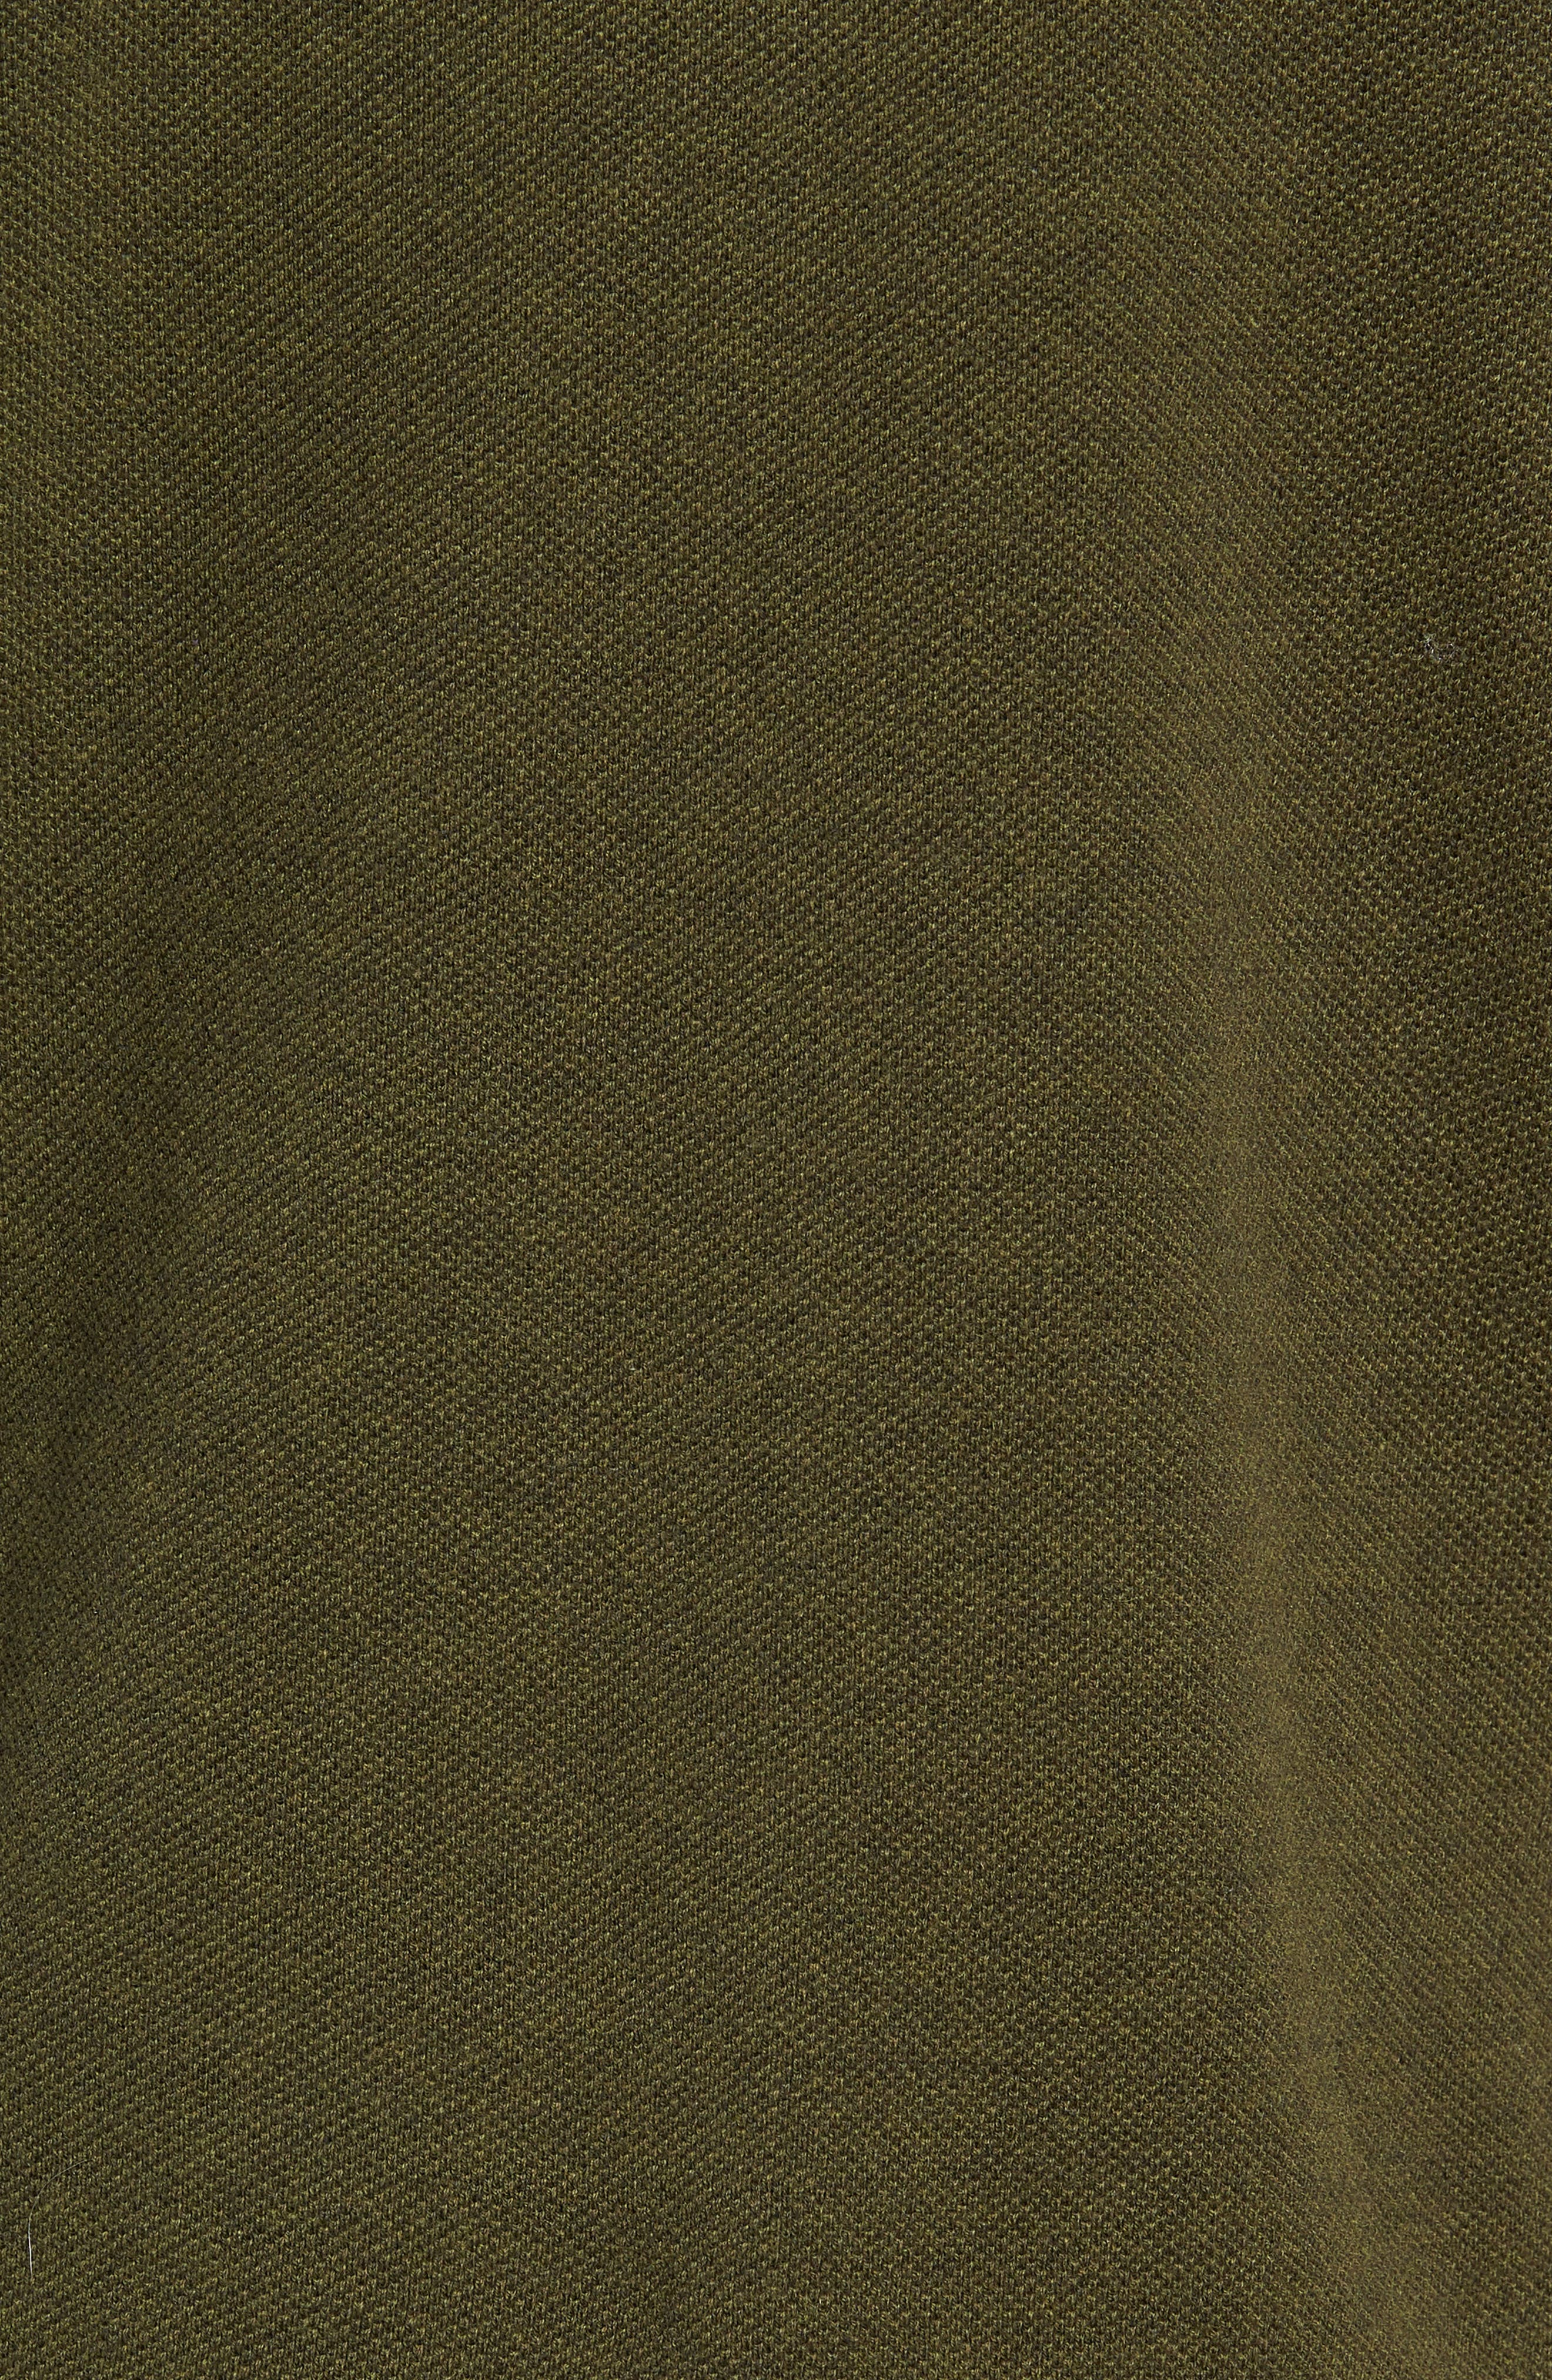 Cotton & Cashmere Piqué Crewneck Sweater,                             Alternate thumbnail 5, color,                             HEATHER OLIVE